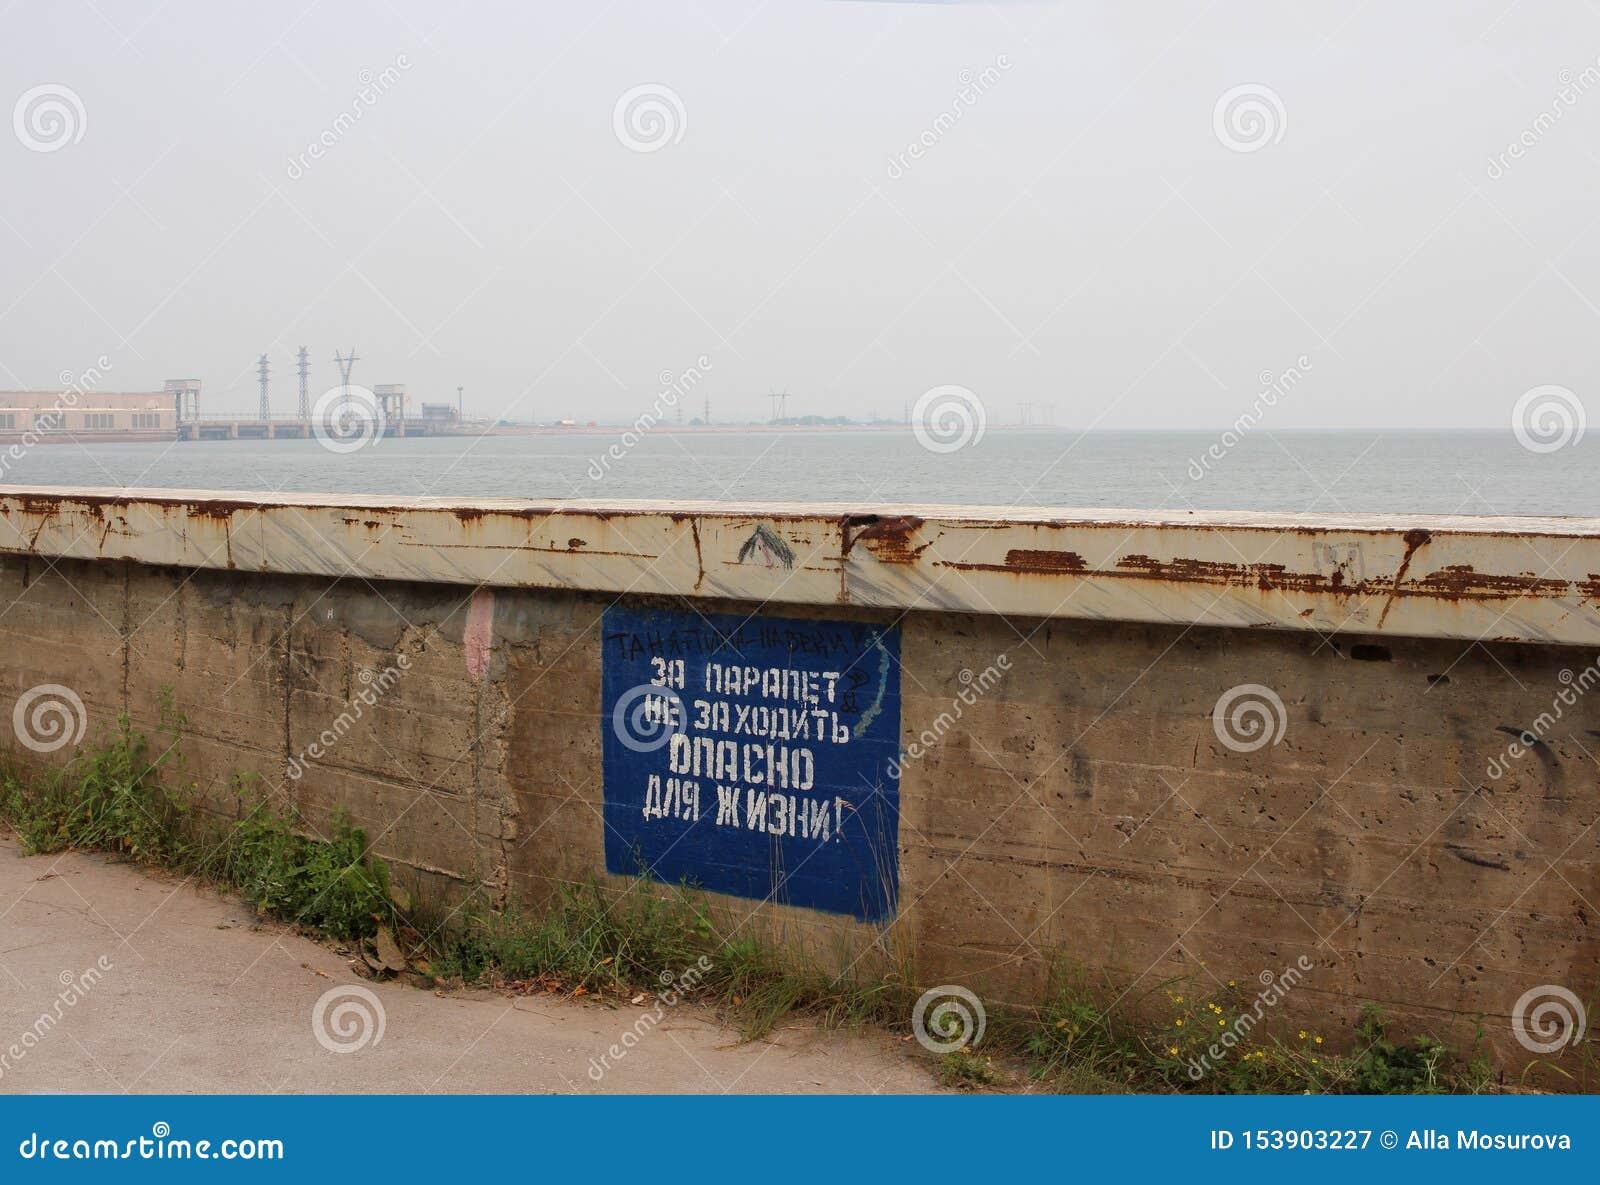 Prohibir la inscripción en la placa: el parapeto no es peligroso para la vida en la costa cerca del poder hidroeléctrico de la pr